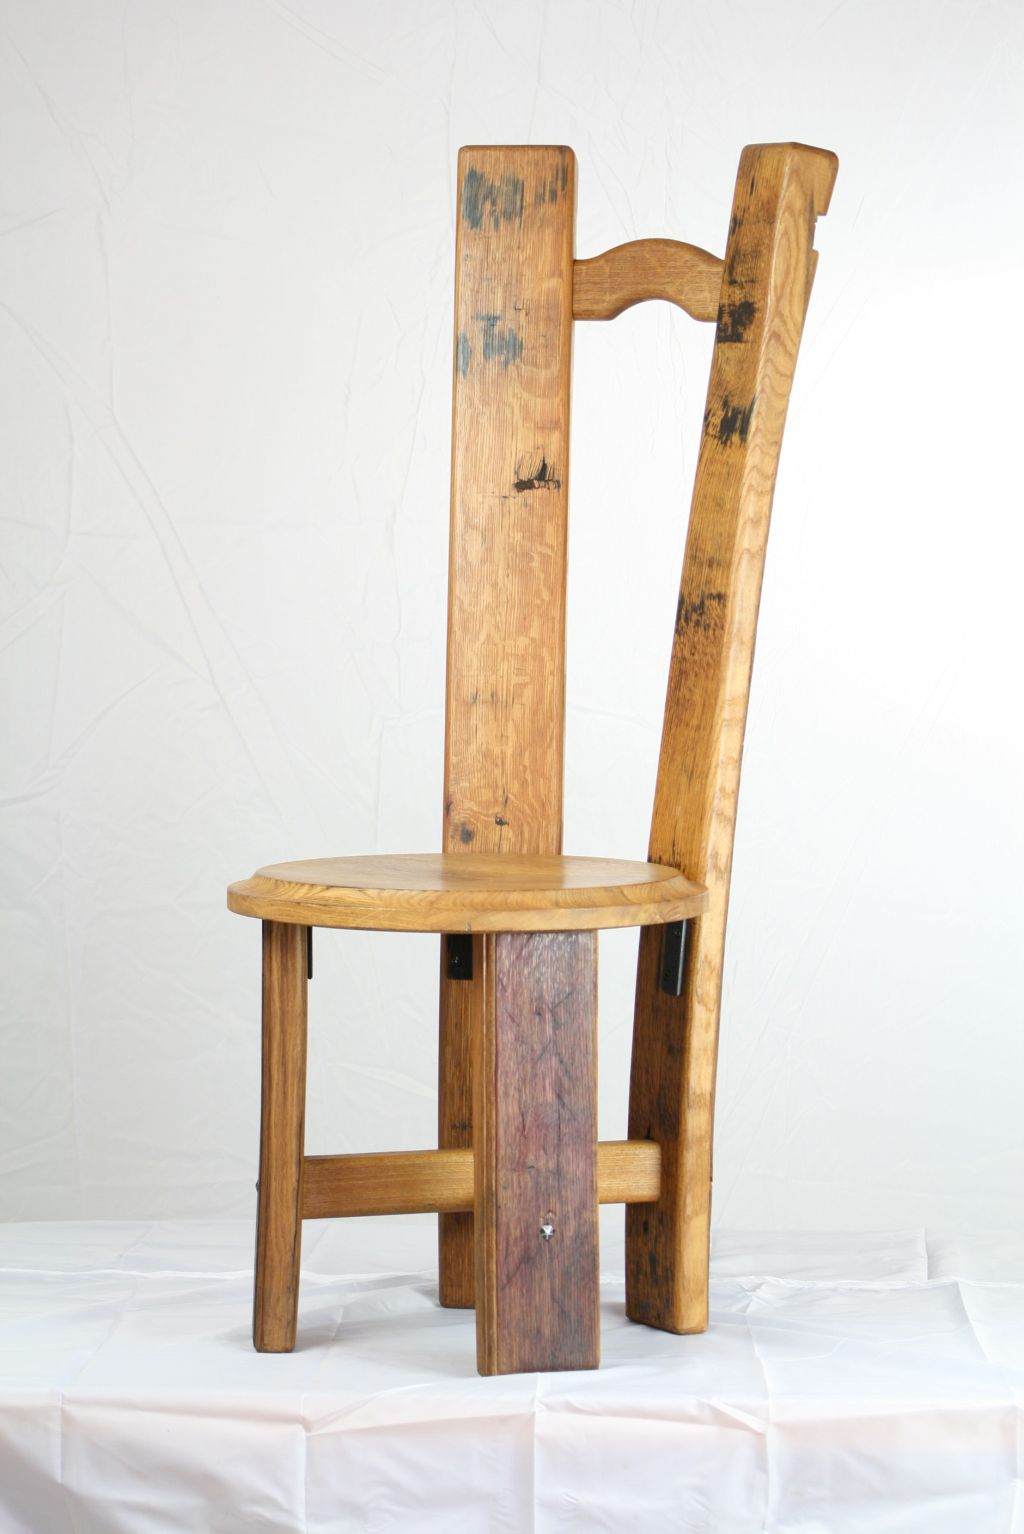 Wunderbar Sessel Hohe Lehne Dekoration Von Chairs